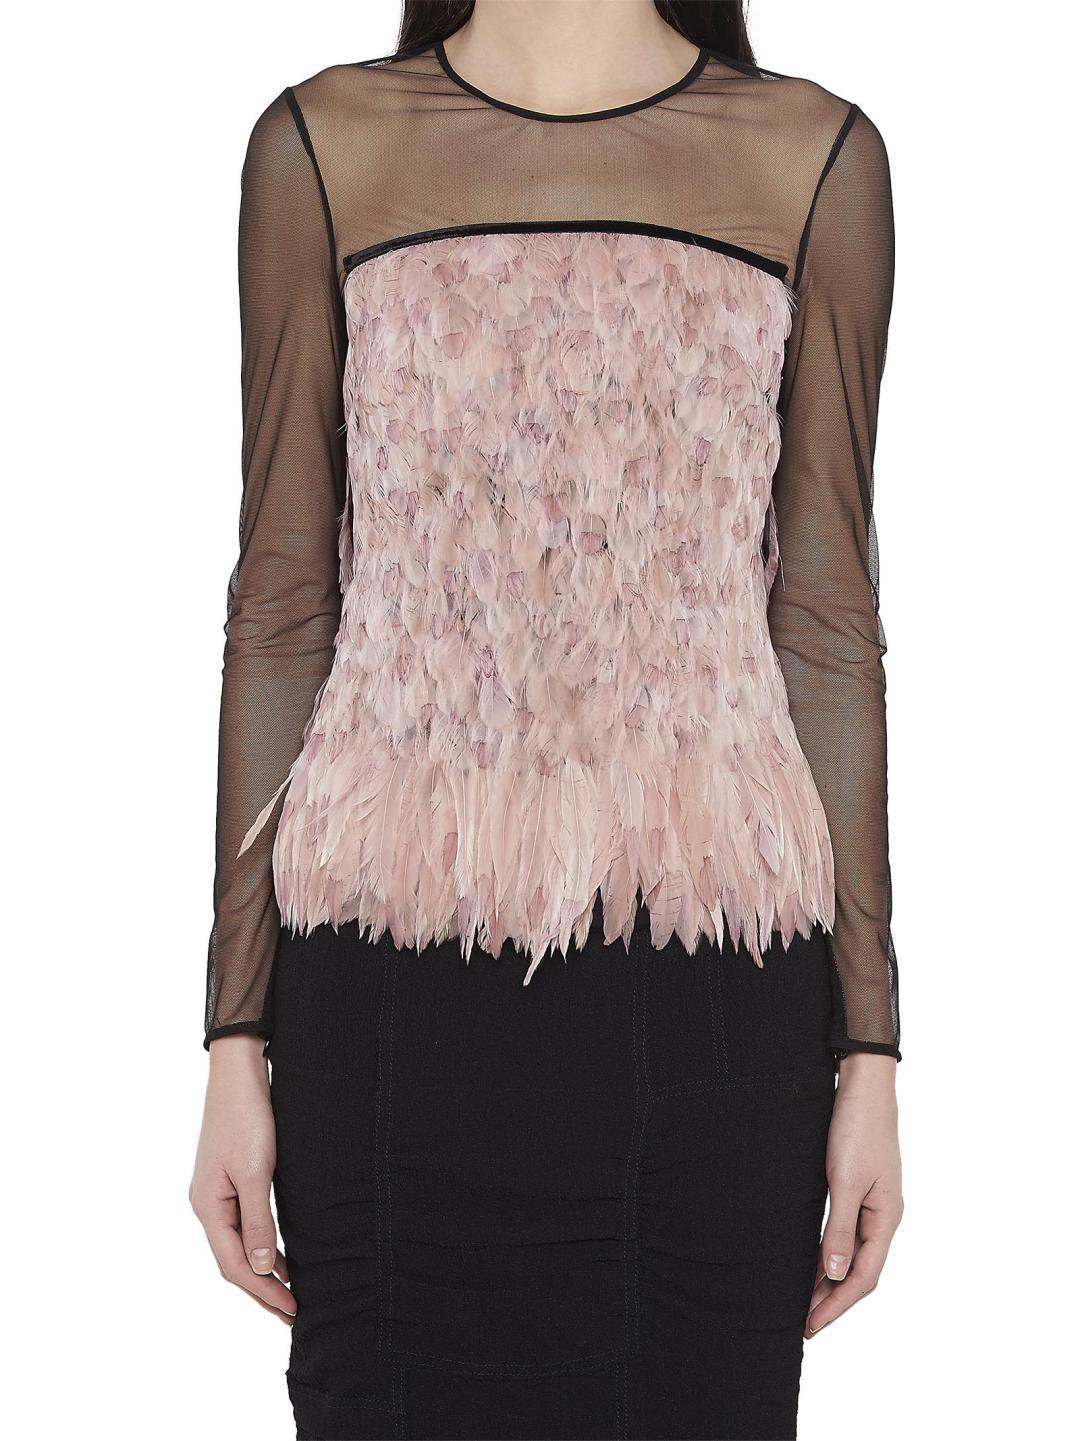 7c51236b6 ... $3,153.72 – Tom Ford Dress – Italist.com US – $3,153.72